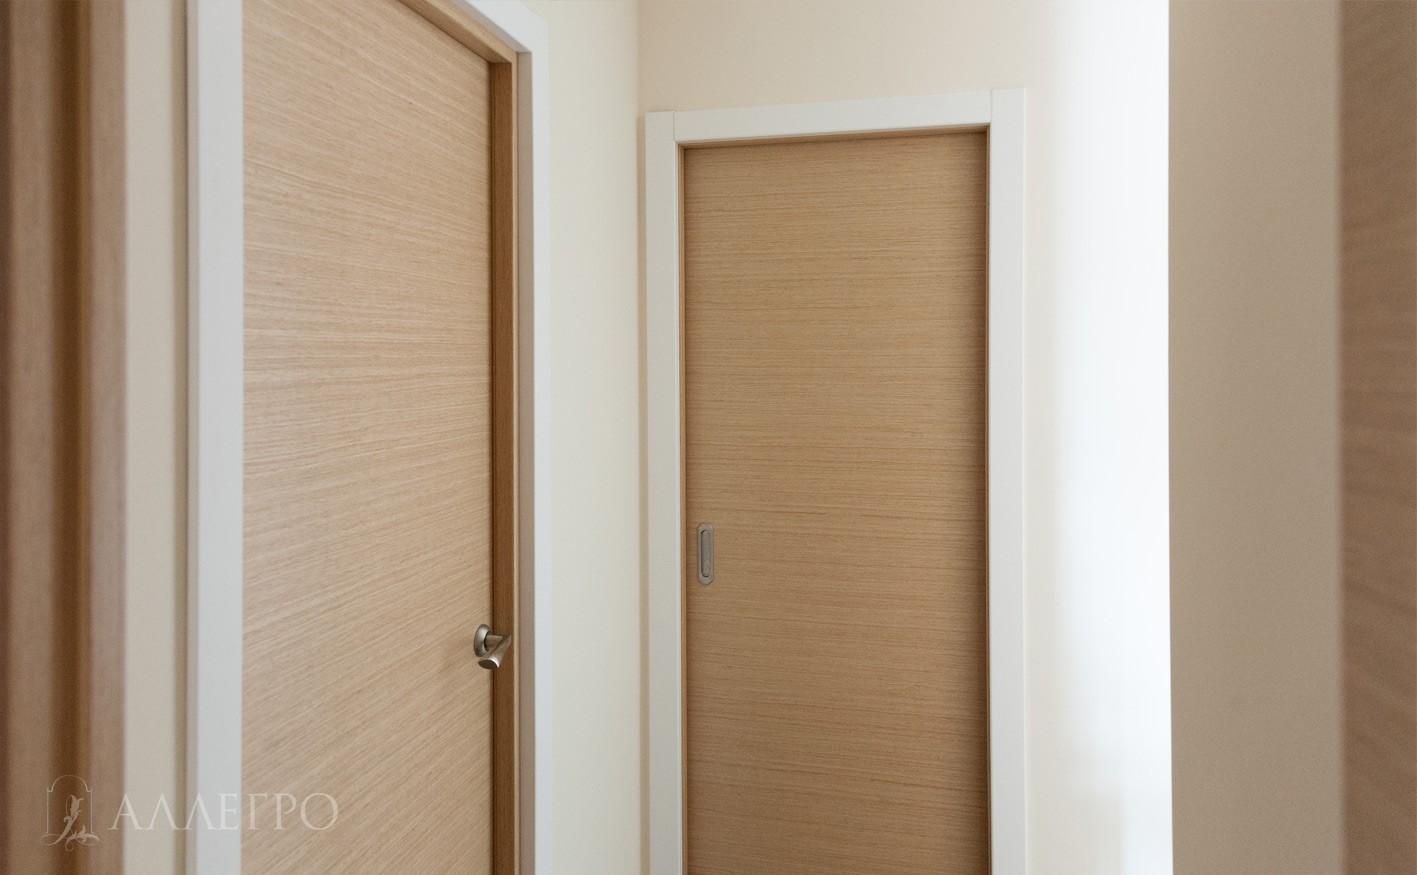 Межкомнатные двери купе и распашная. Обе из шпона